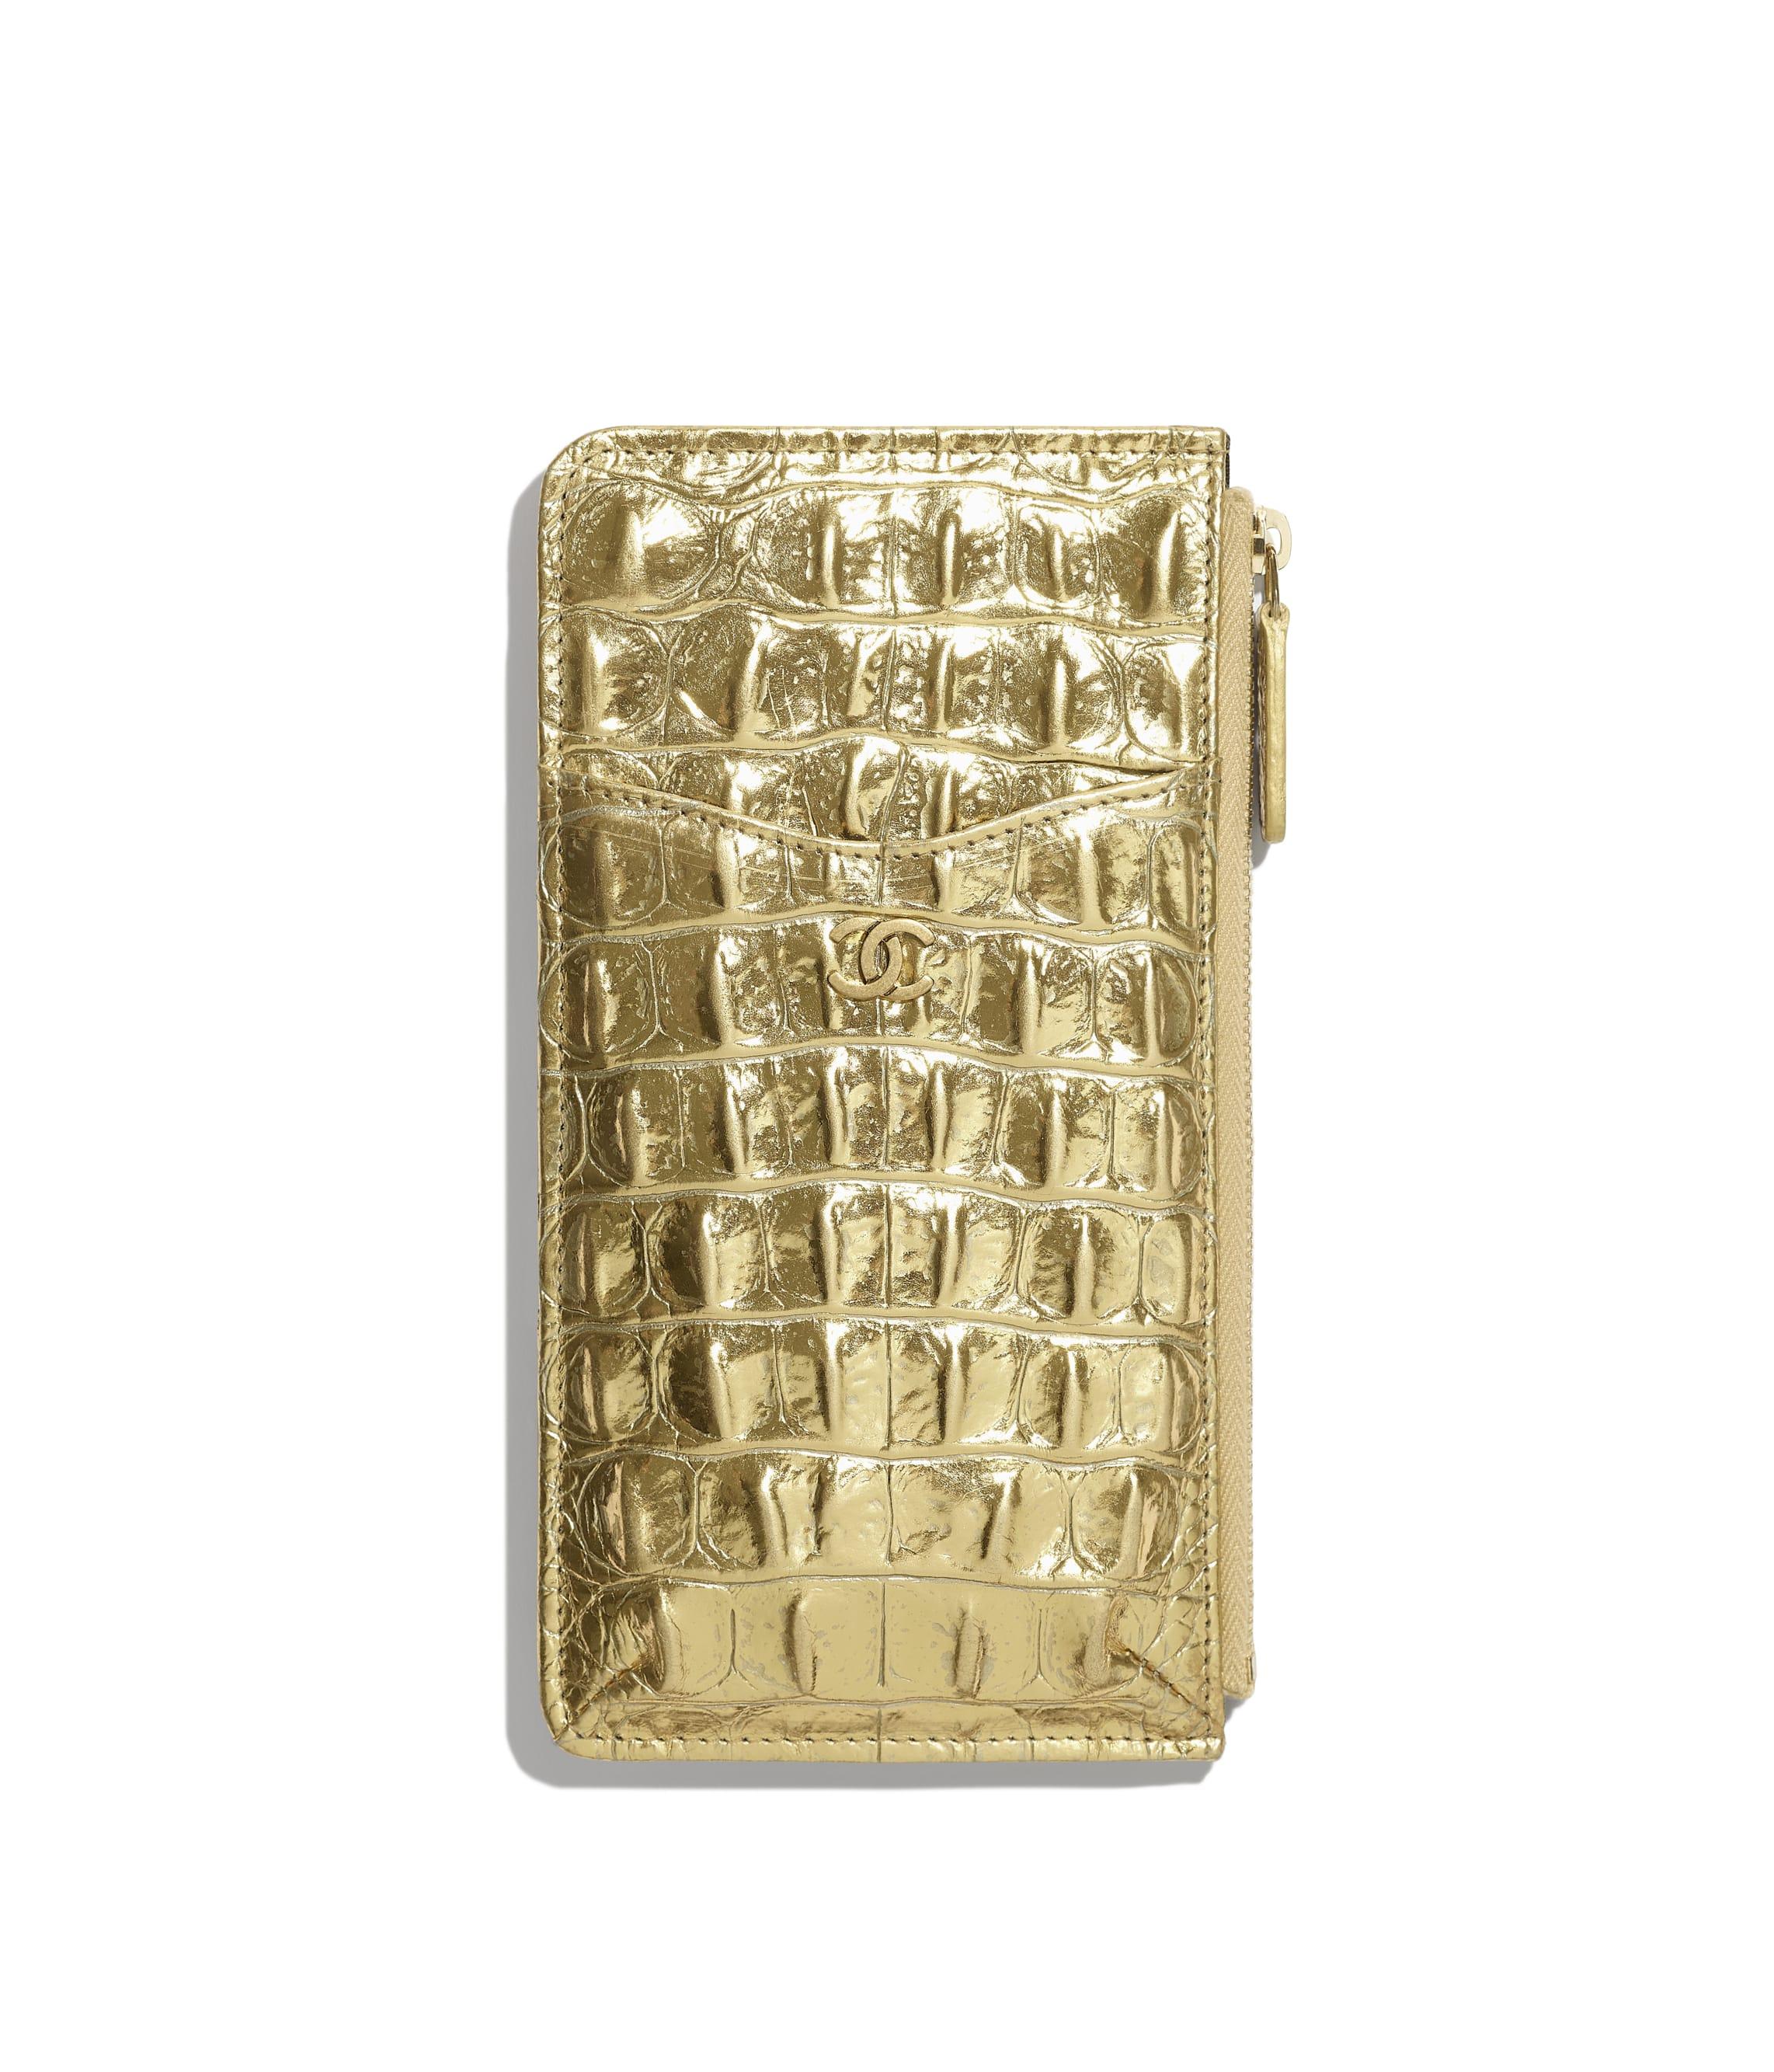 1389eb16e5e18e Pouches & Cases - Small Leather Goods - CHANEL